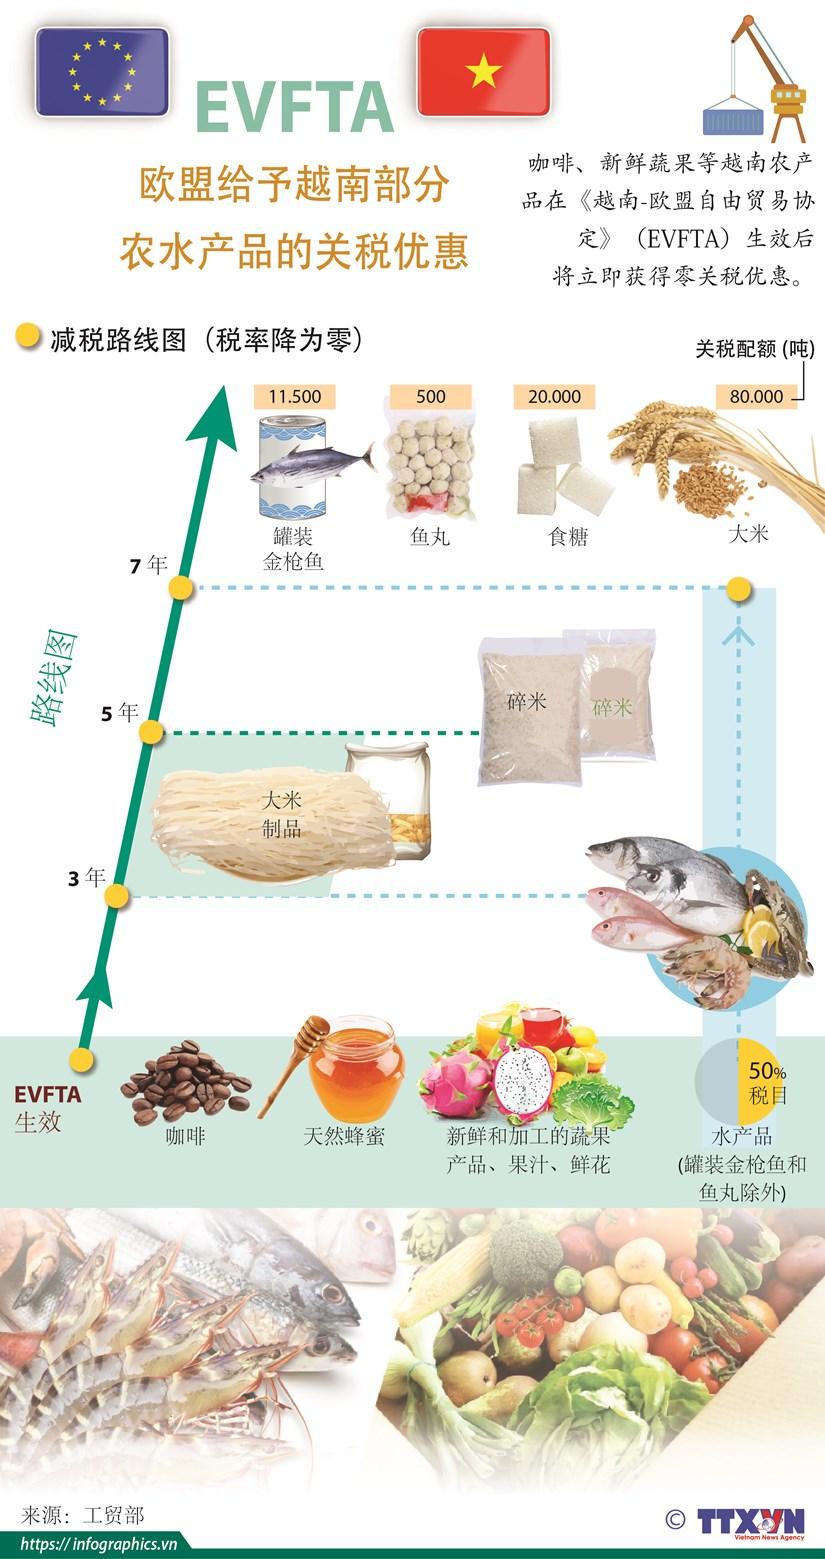 图表新闻:EVFTA--欧盟给予越南部分农水产品的关税优惠 hinh anh 1